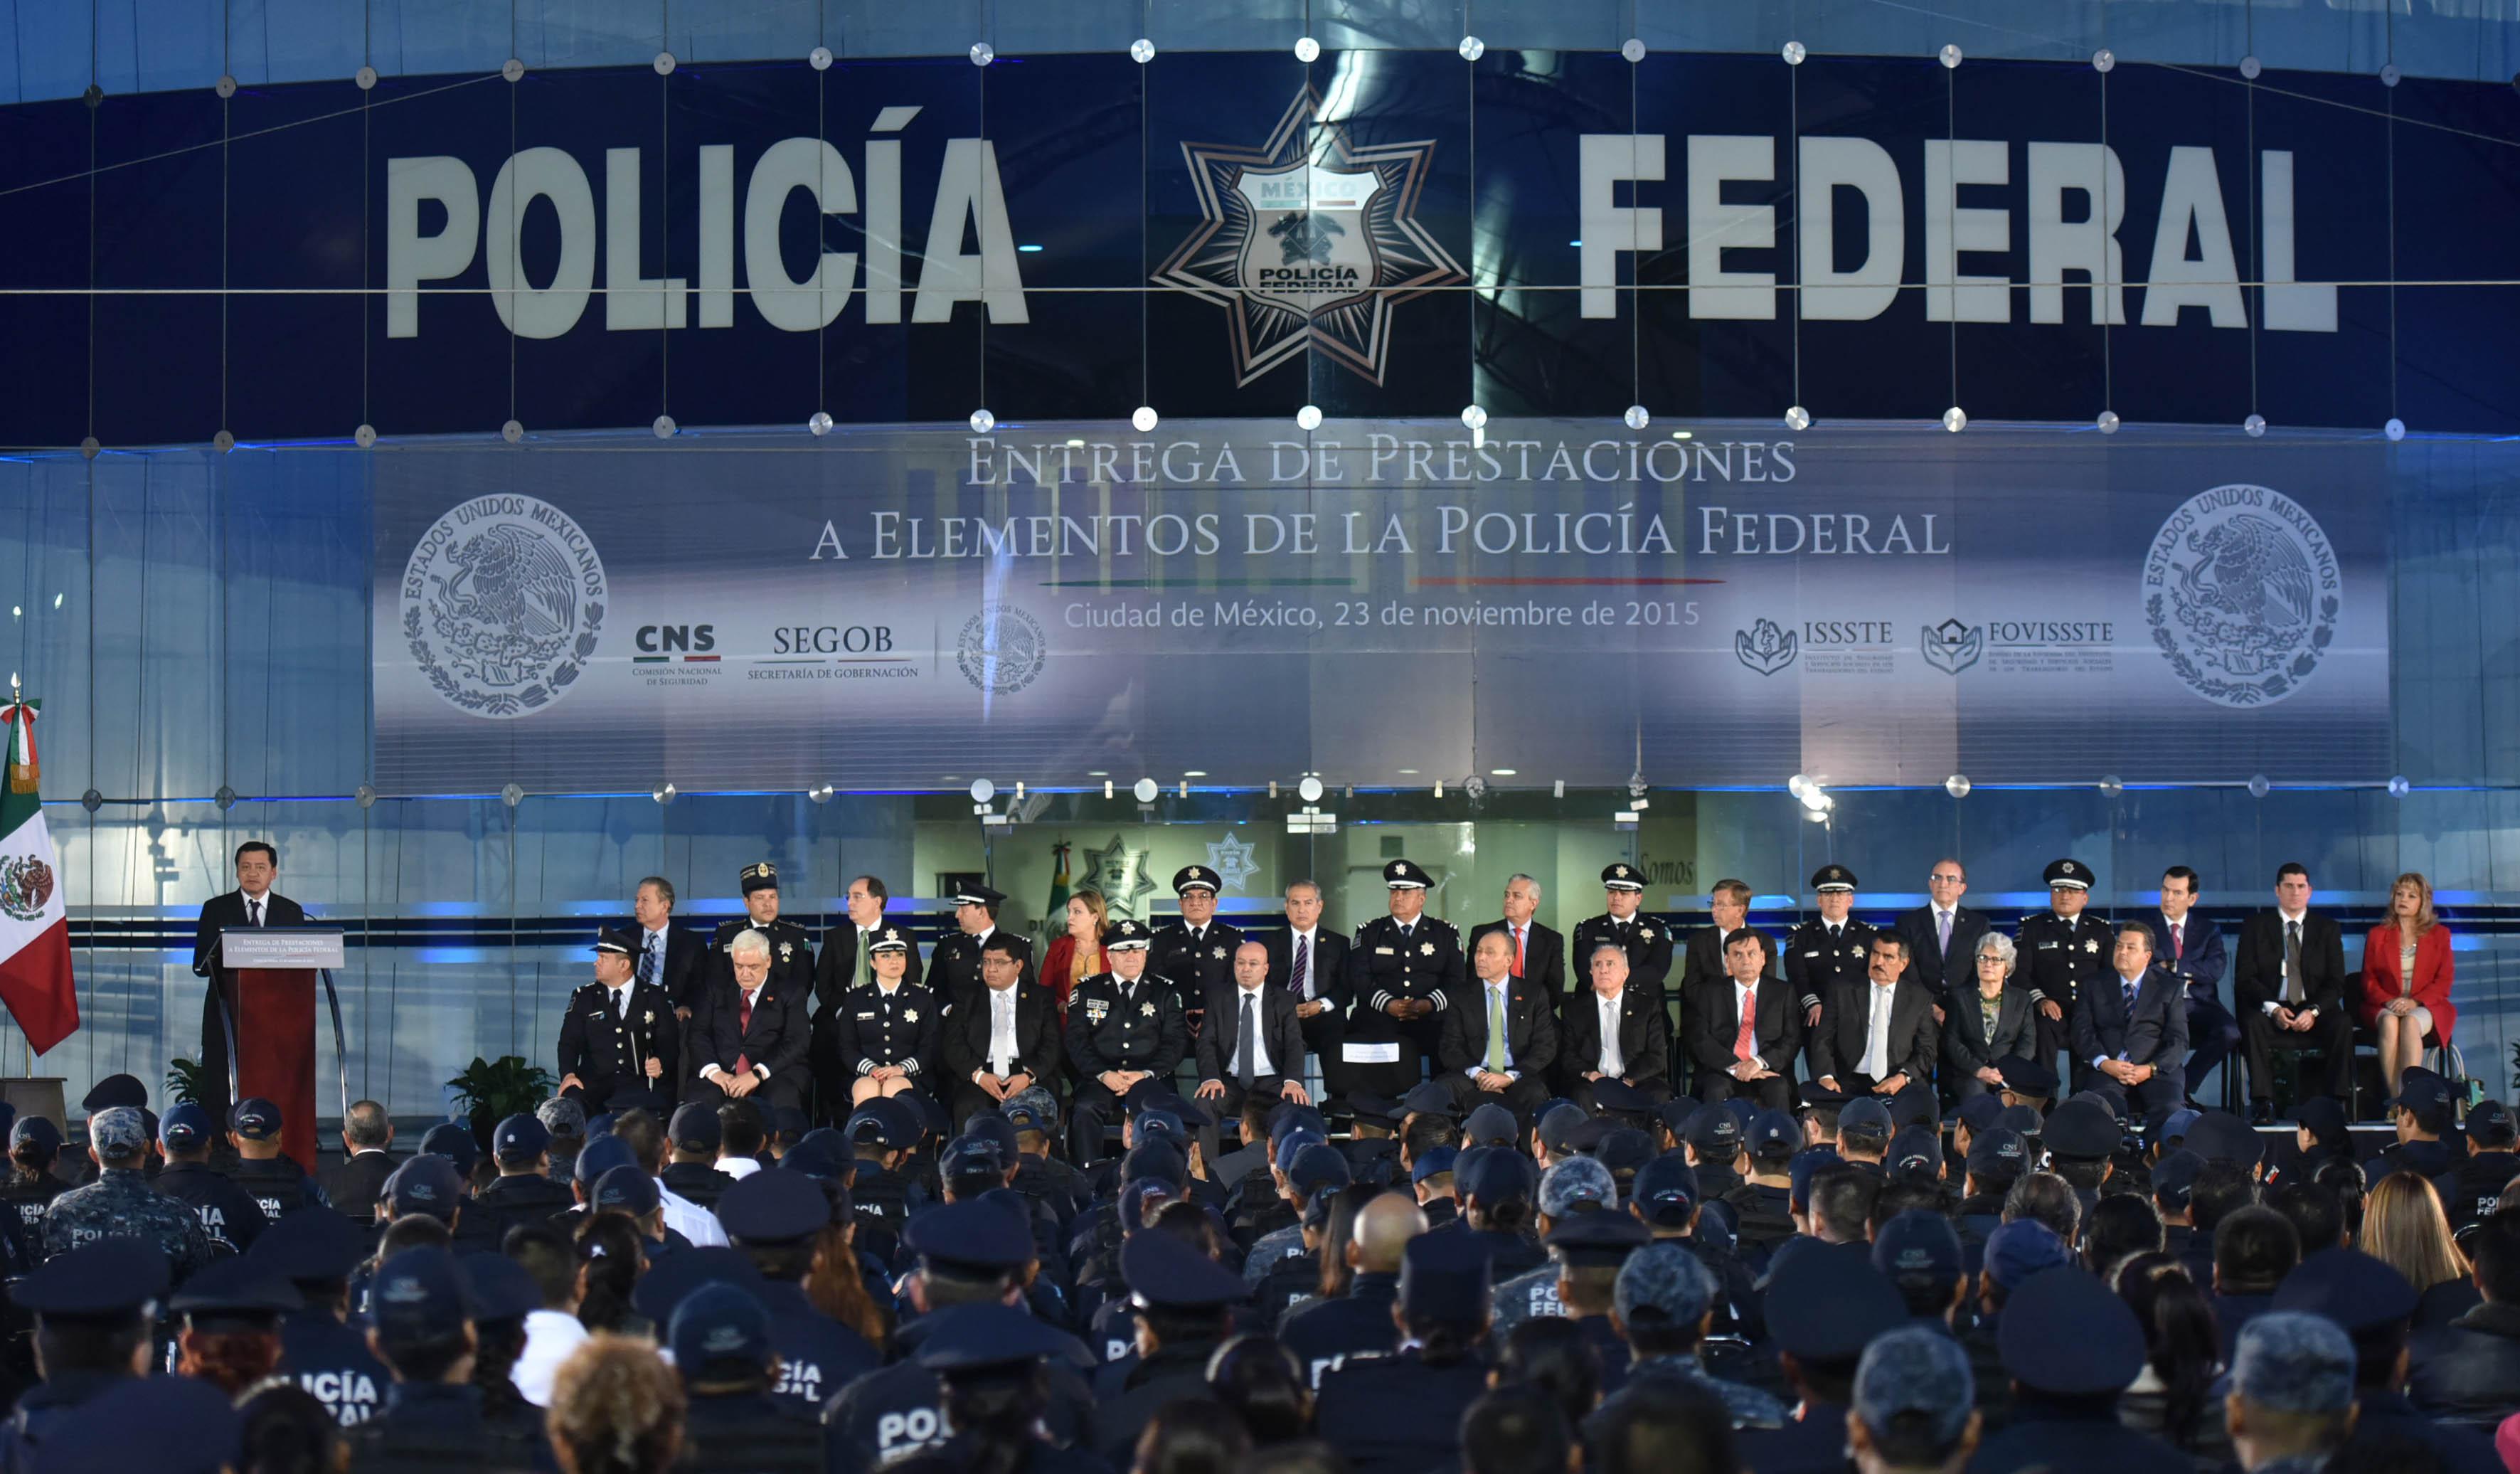 El Secretario de Gobernación, Miguel Ángel Osorio Chong, surante la Entrega de Prestaciones a Elementos de la Policía Federal